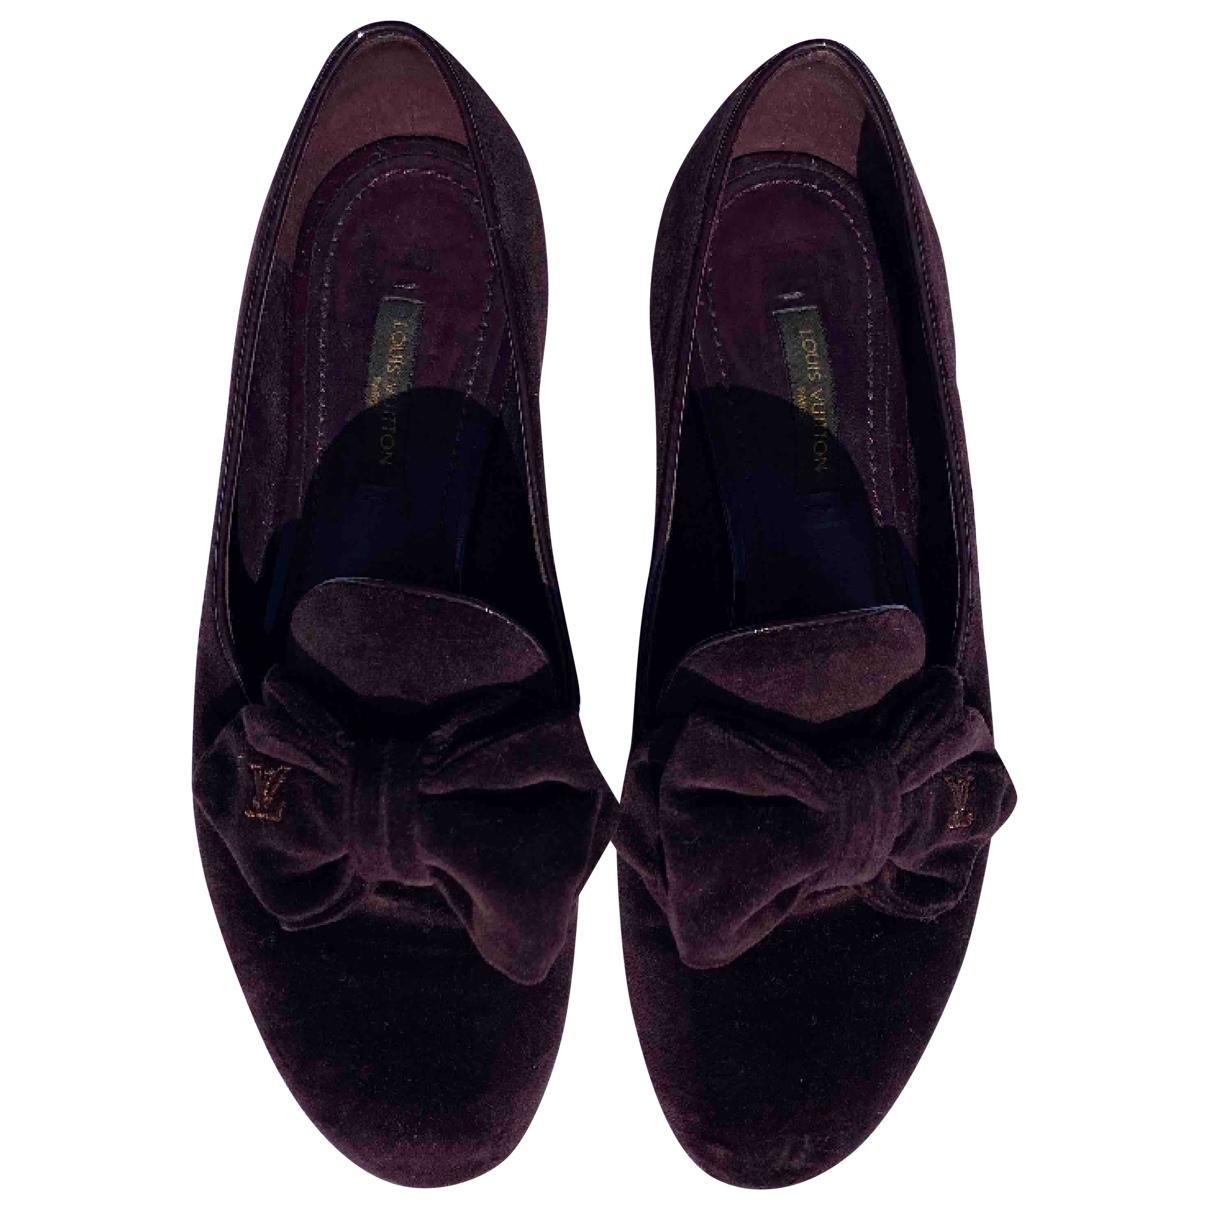 Louis Vuitton \N Burgundy Velvet Flats for Women 36 IT